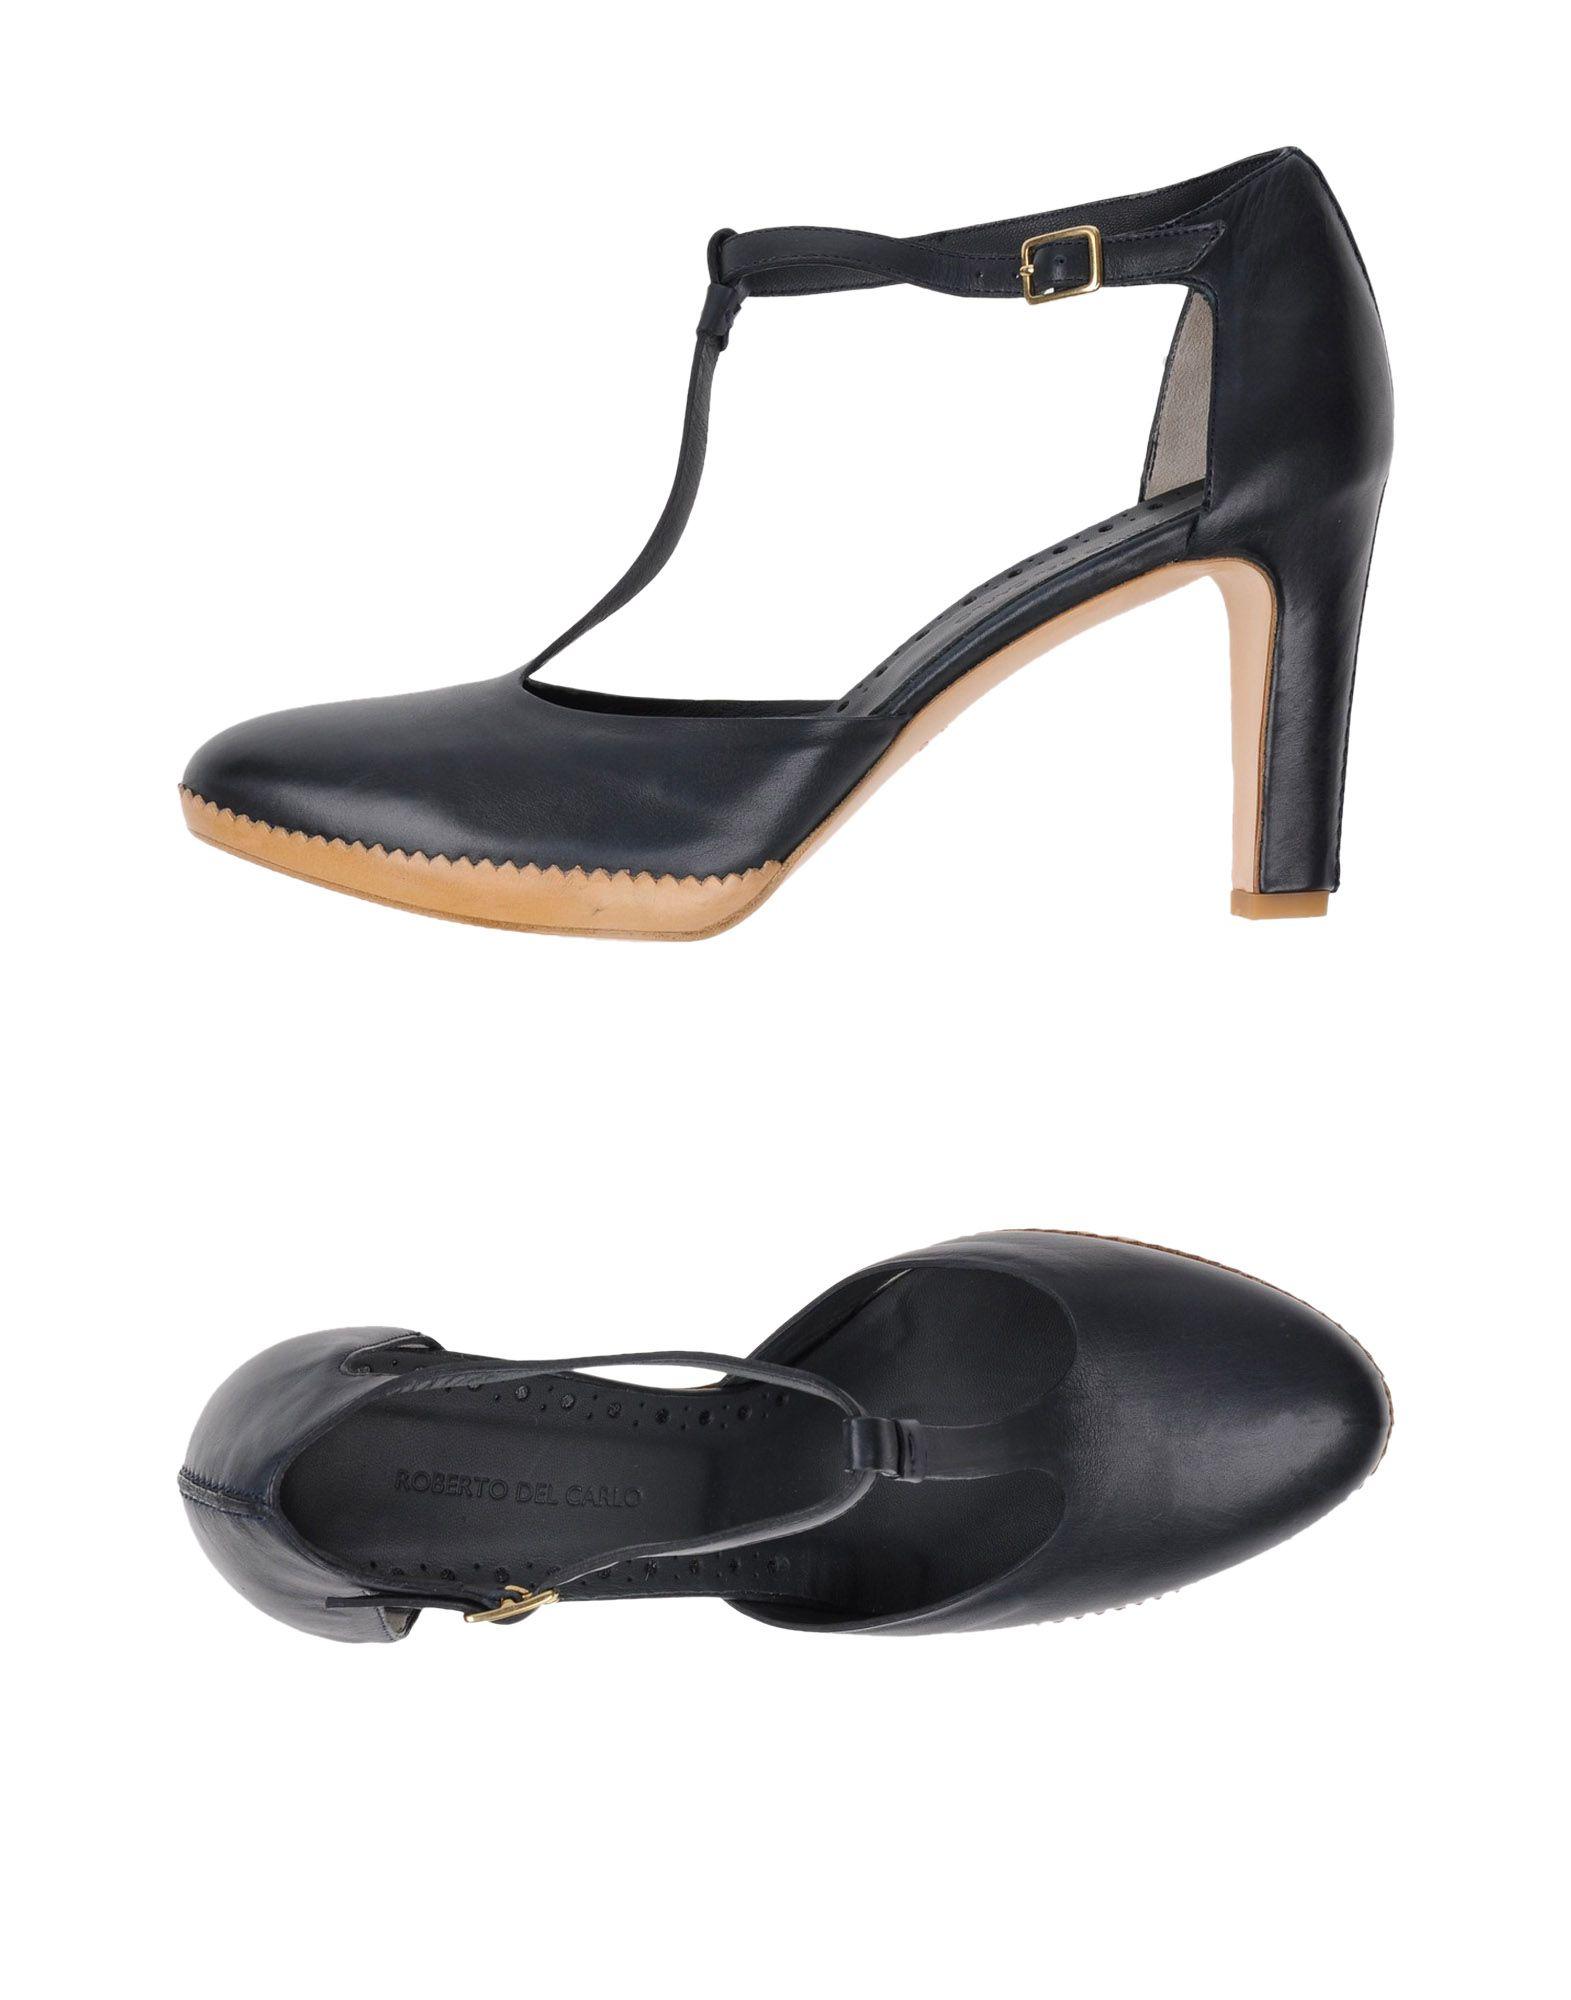 Rabatt Schuhe Roberto Del Carlo Pumps Damen Damen Pumps  11152862CA 92f71b